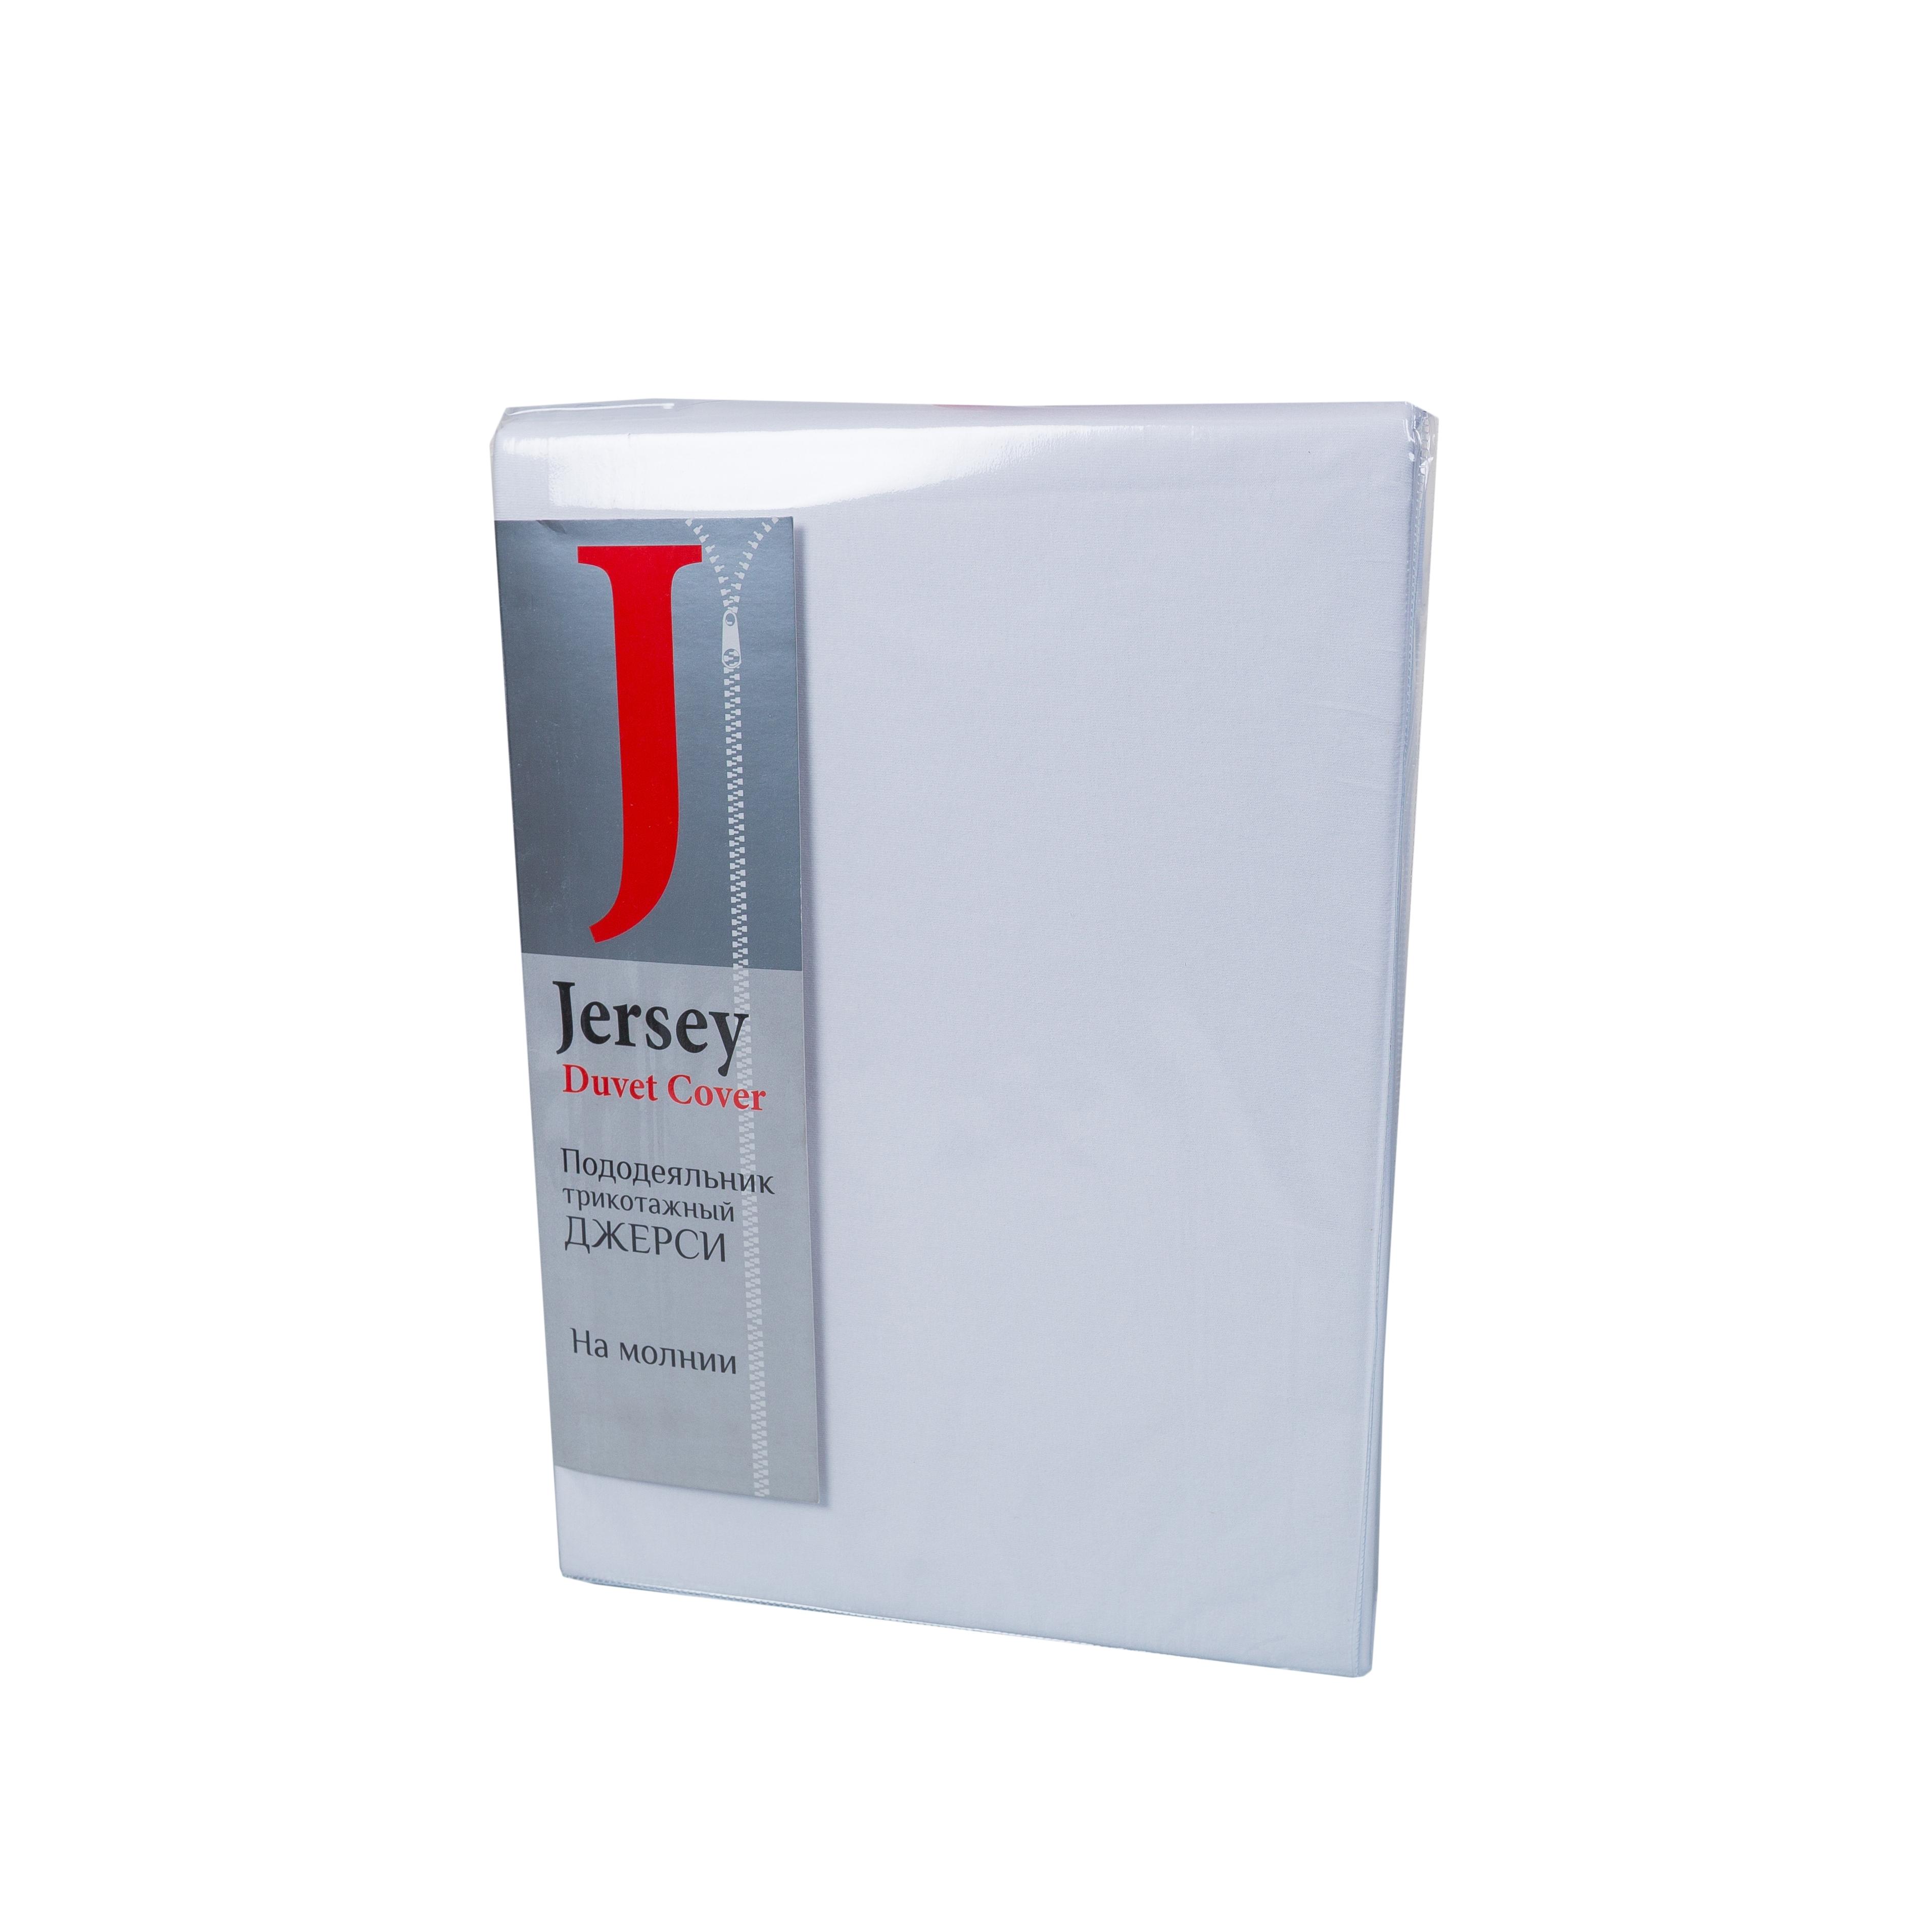 Пододеяльник трикотажный на молнии Oltex Jersey 110х140 №2001 Белый<br>